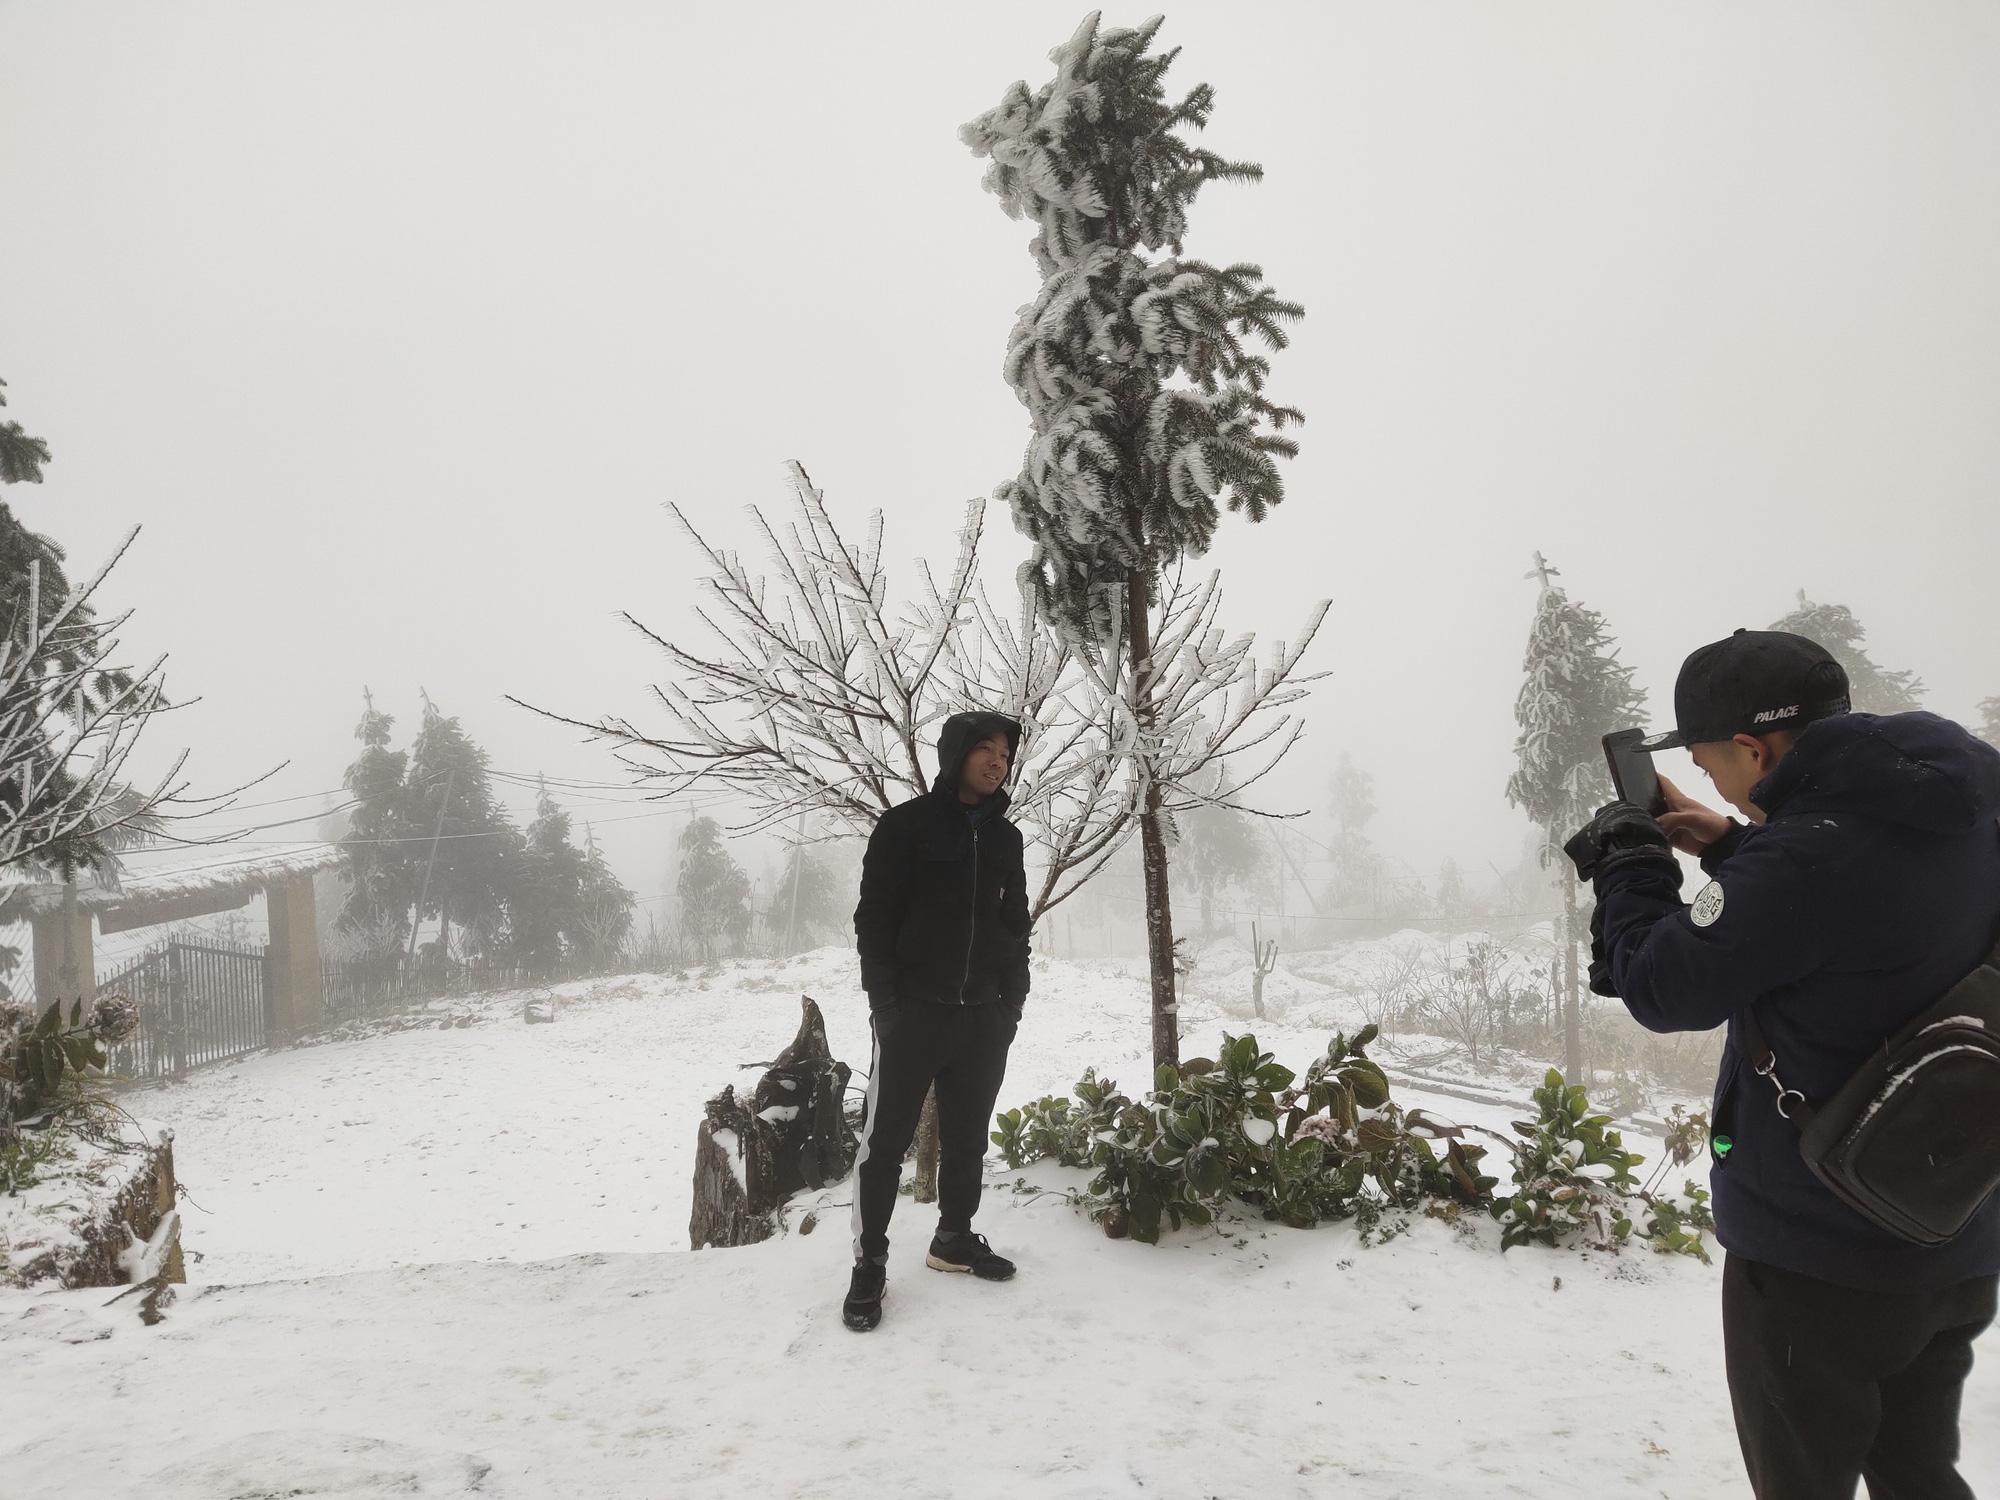 Tuyết rơi dày đặc ở Y Tý, cảnh vật phủ màu trắng xóa như trời Âu - Ảnh 10.